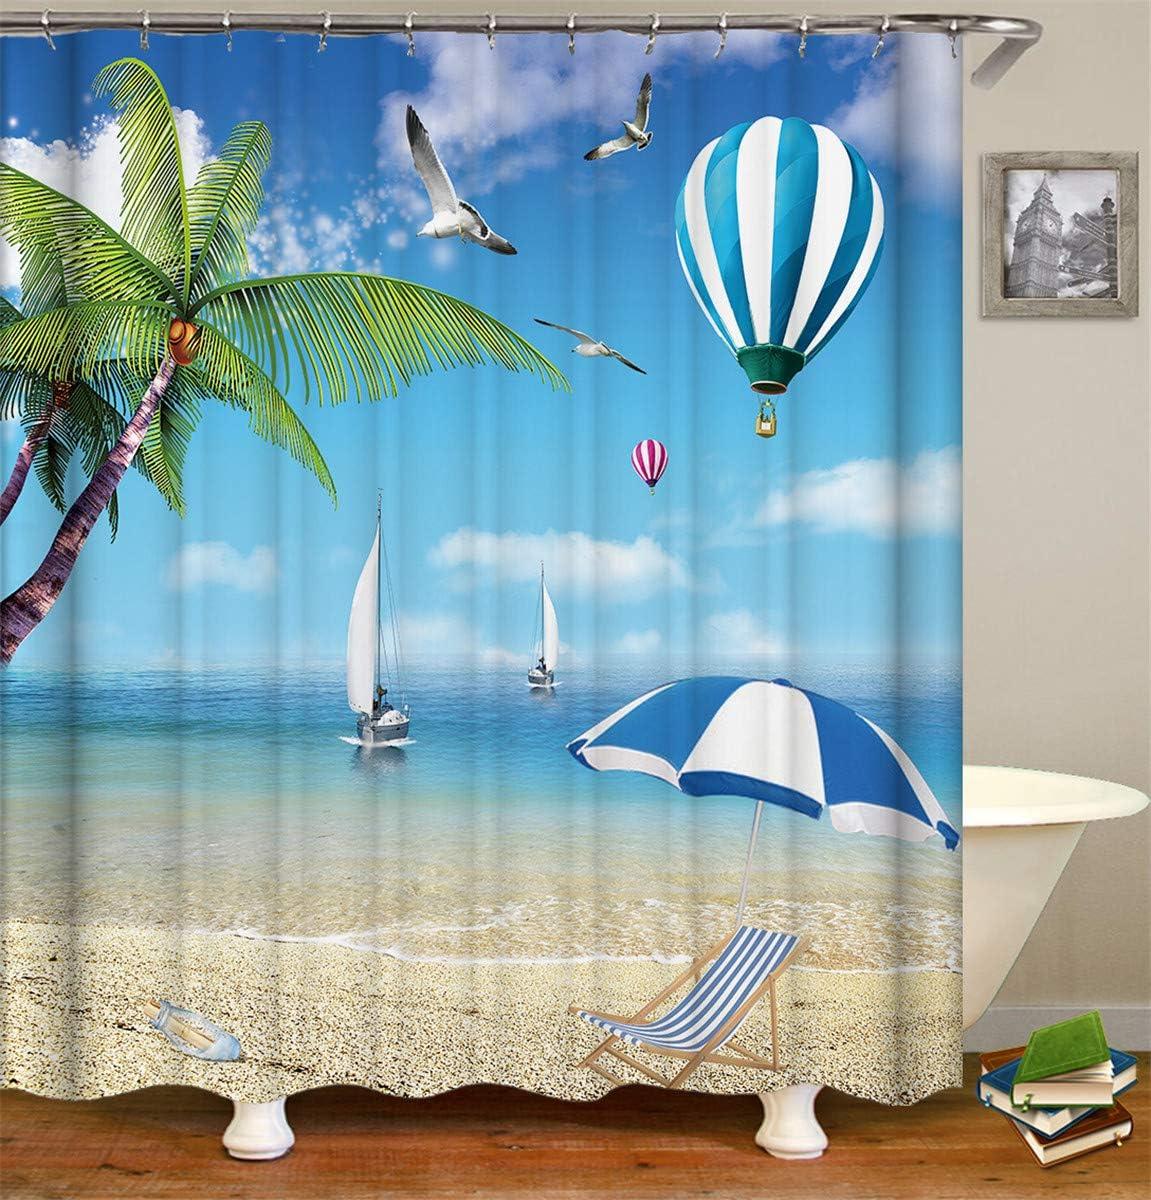 Moderne 3D Stampato Poliestere Resistente Tessuto Lavabile Tenda della Vasca da Bagno con 12 Ganci Fansu Tende da Doccia Antimuffa Impermeabile 90x180cm,Spiaggia dellOceano A